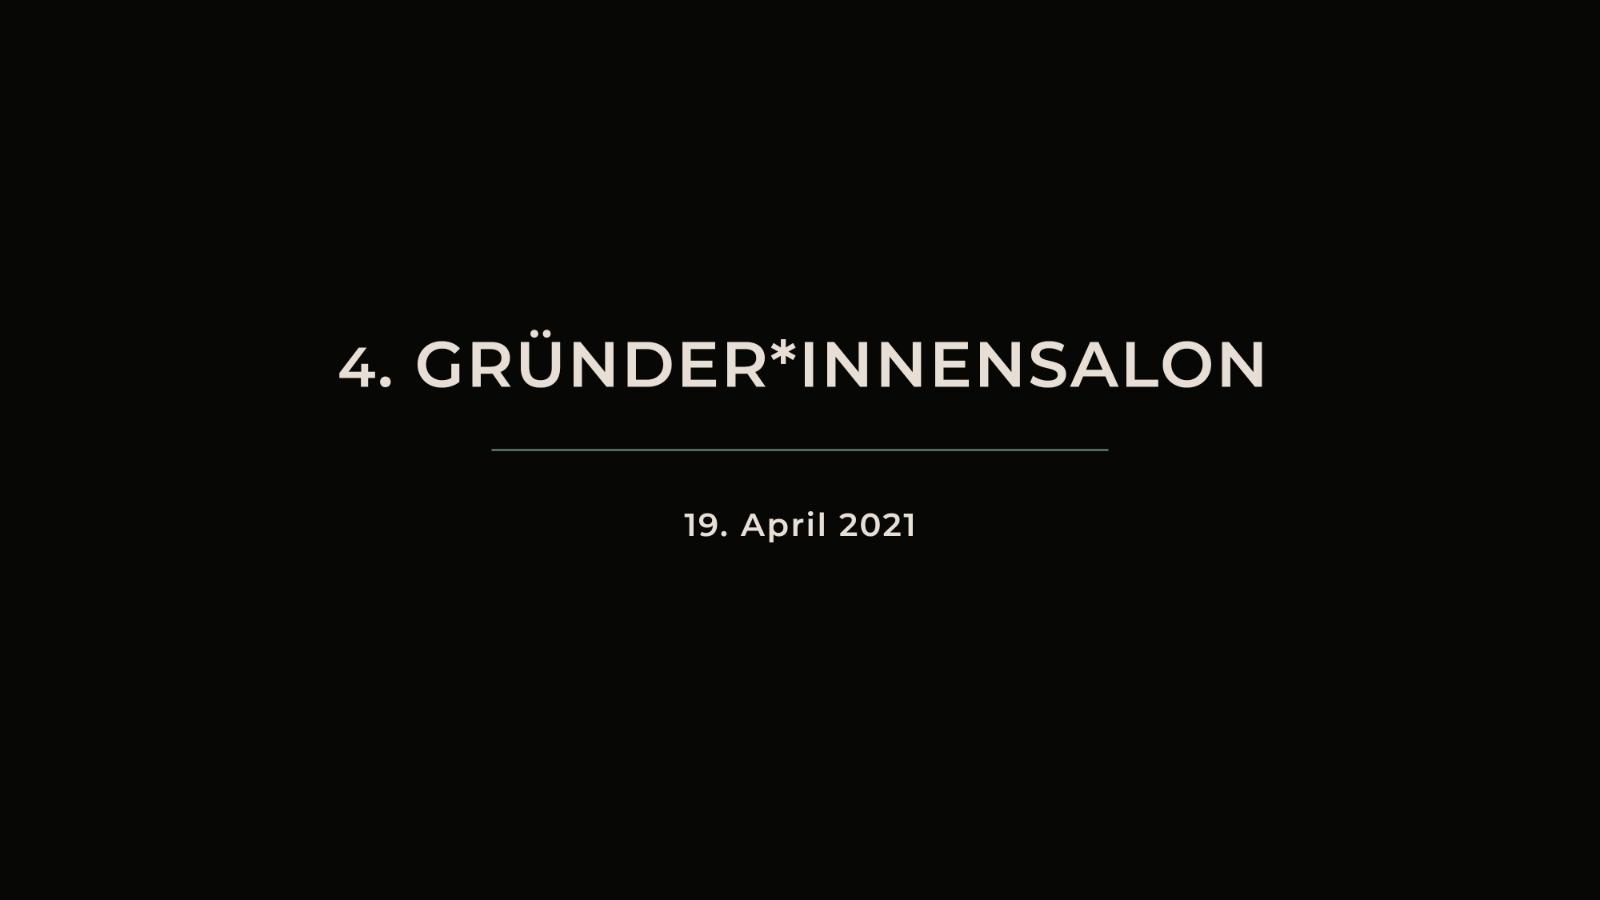 """4. GRÜNDER*INNENSALON """"Kunstgeschichte 5.0 - Digitalisierung und Selbstständigkeit"""""""